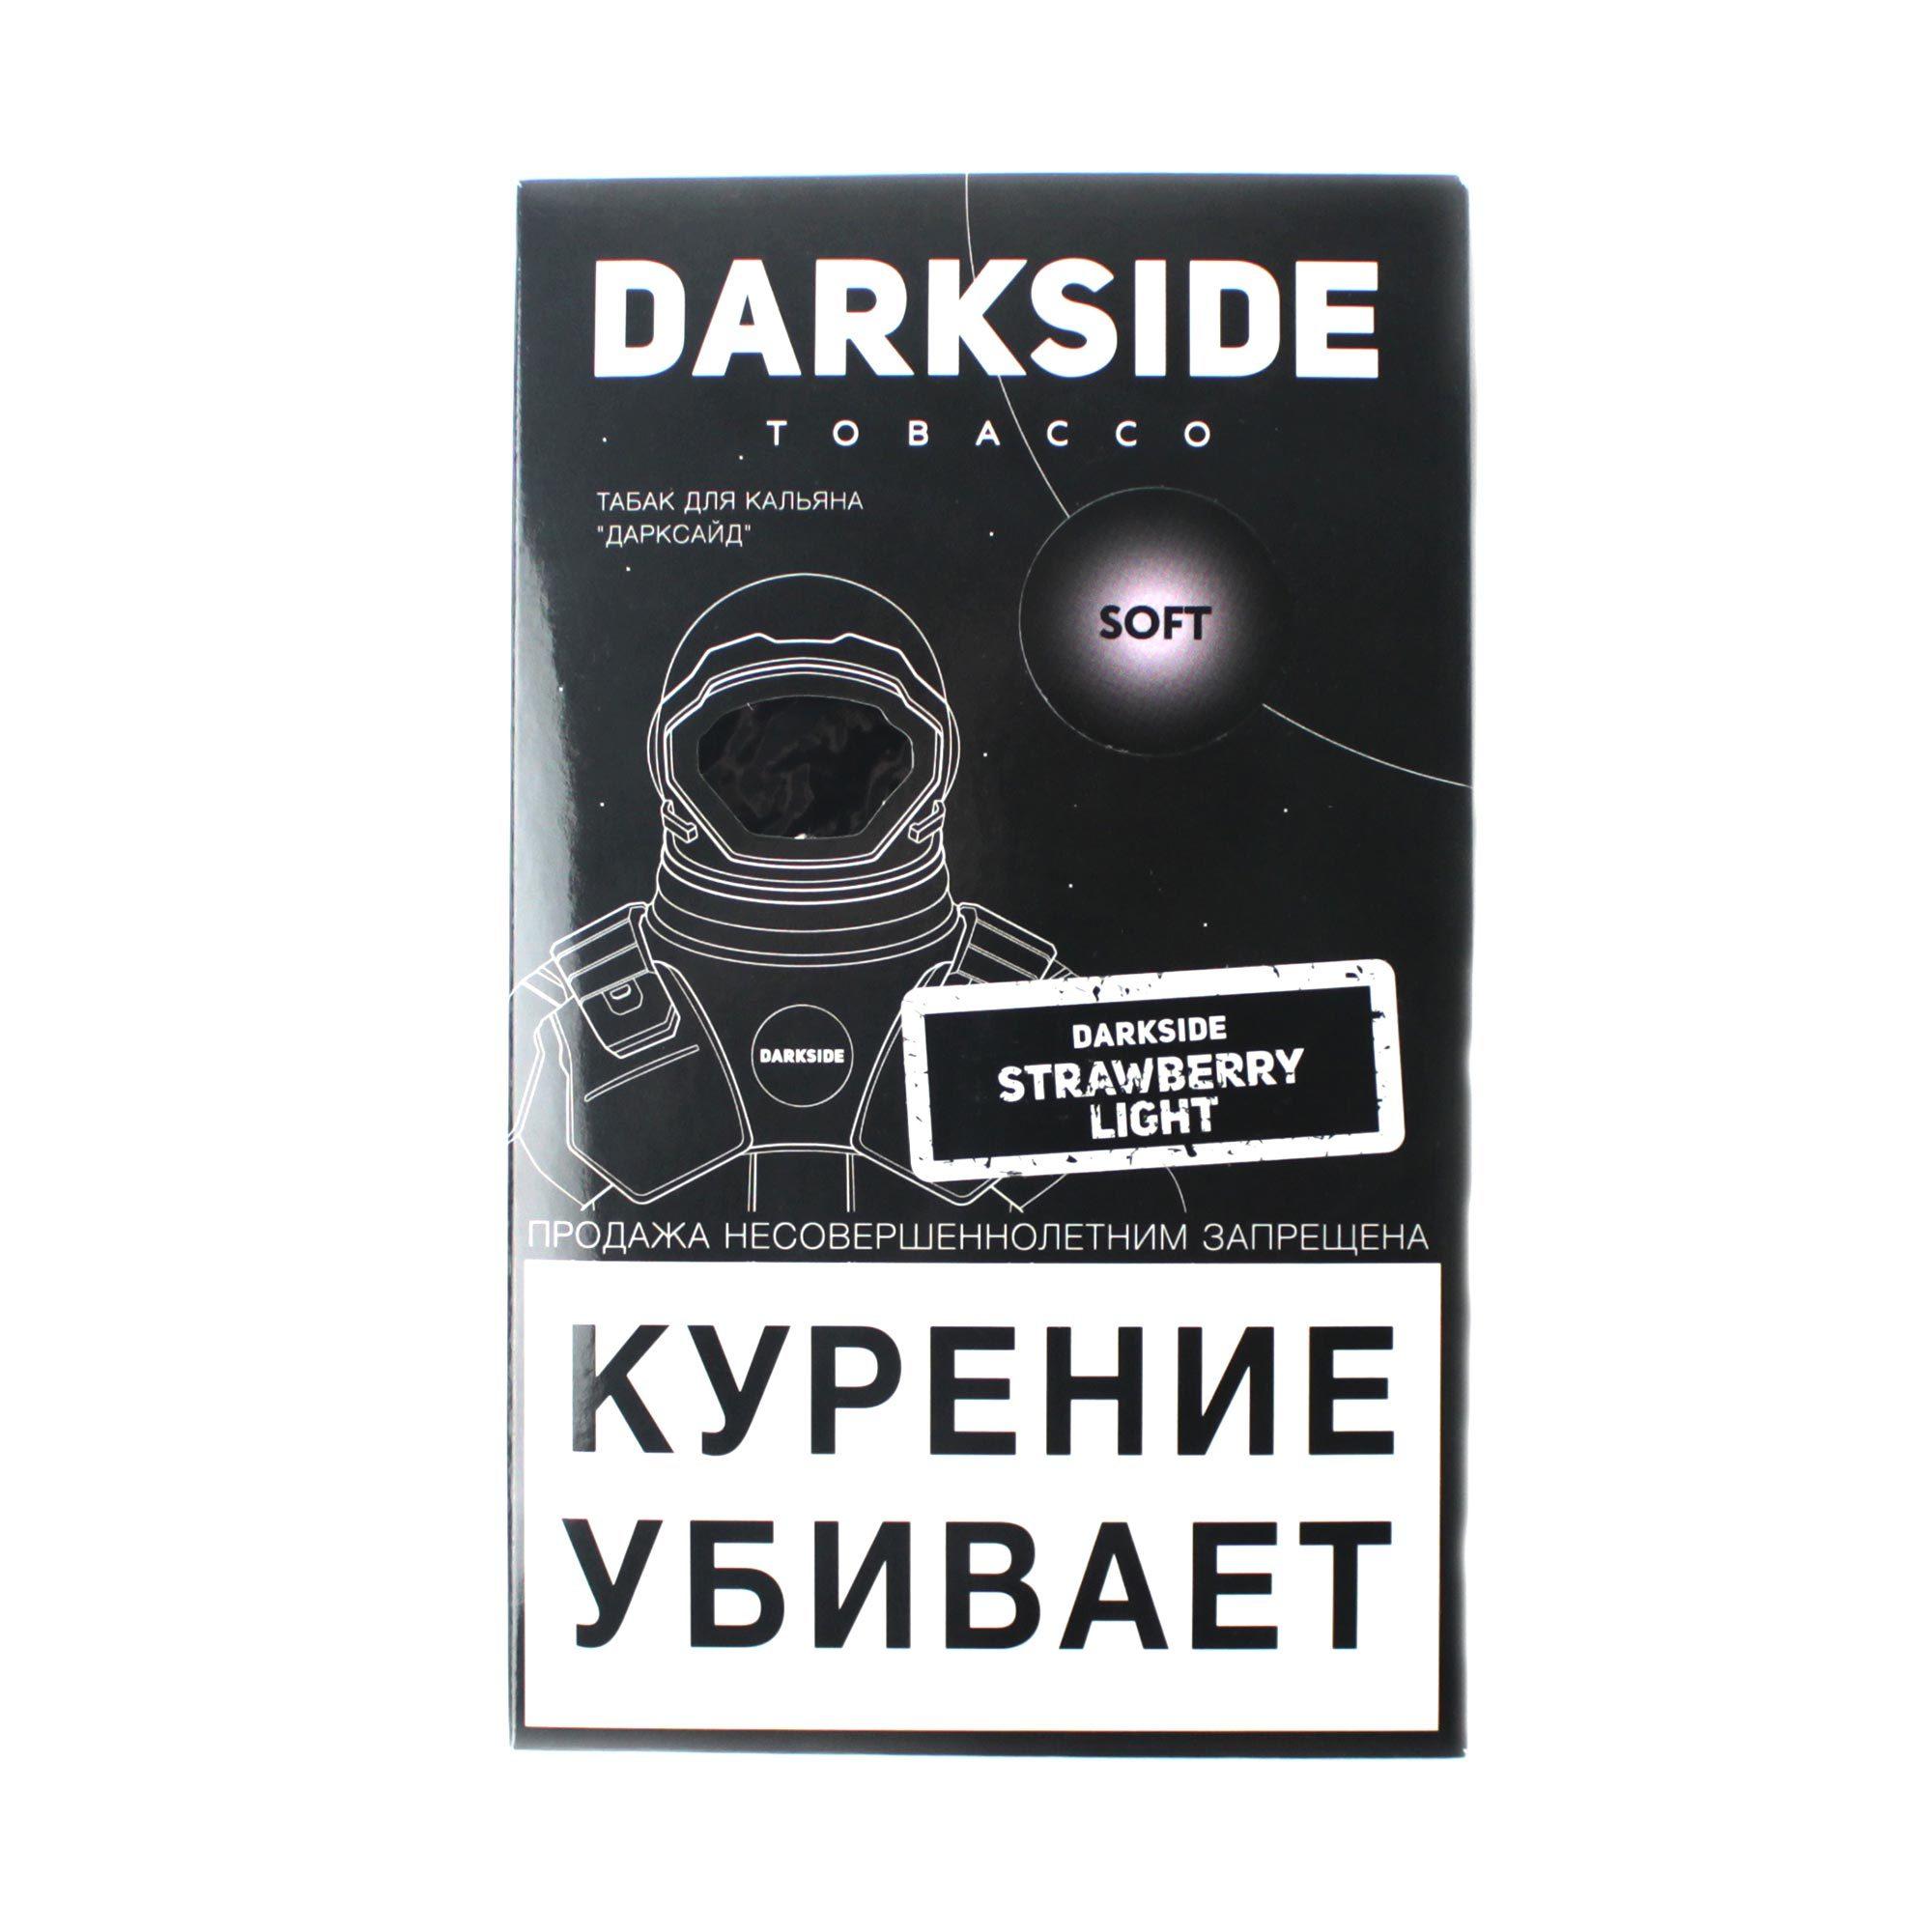 Табак для кальяна Dark Side Soft 100 гр Strawberry Light